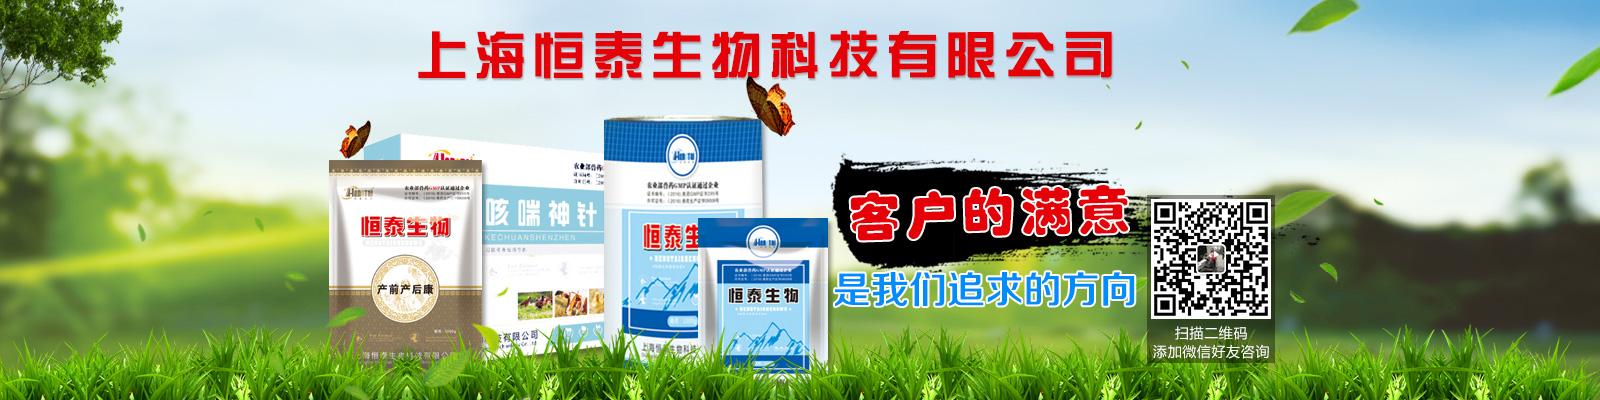 上海恒泰生物科技有限公司